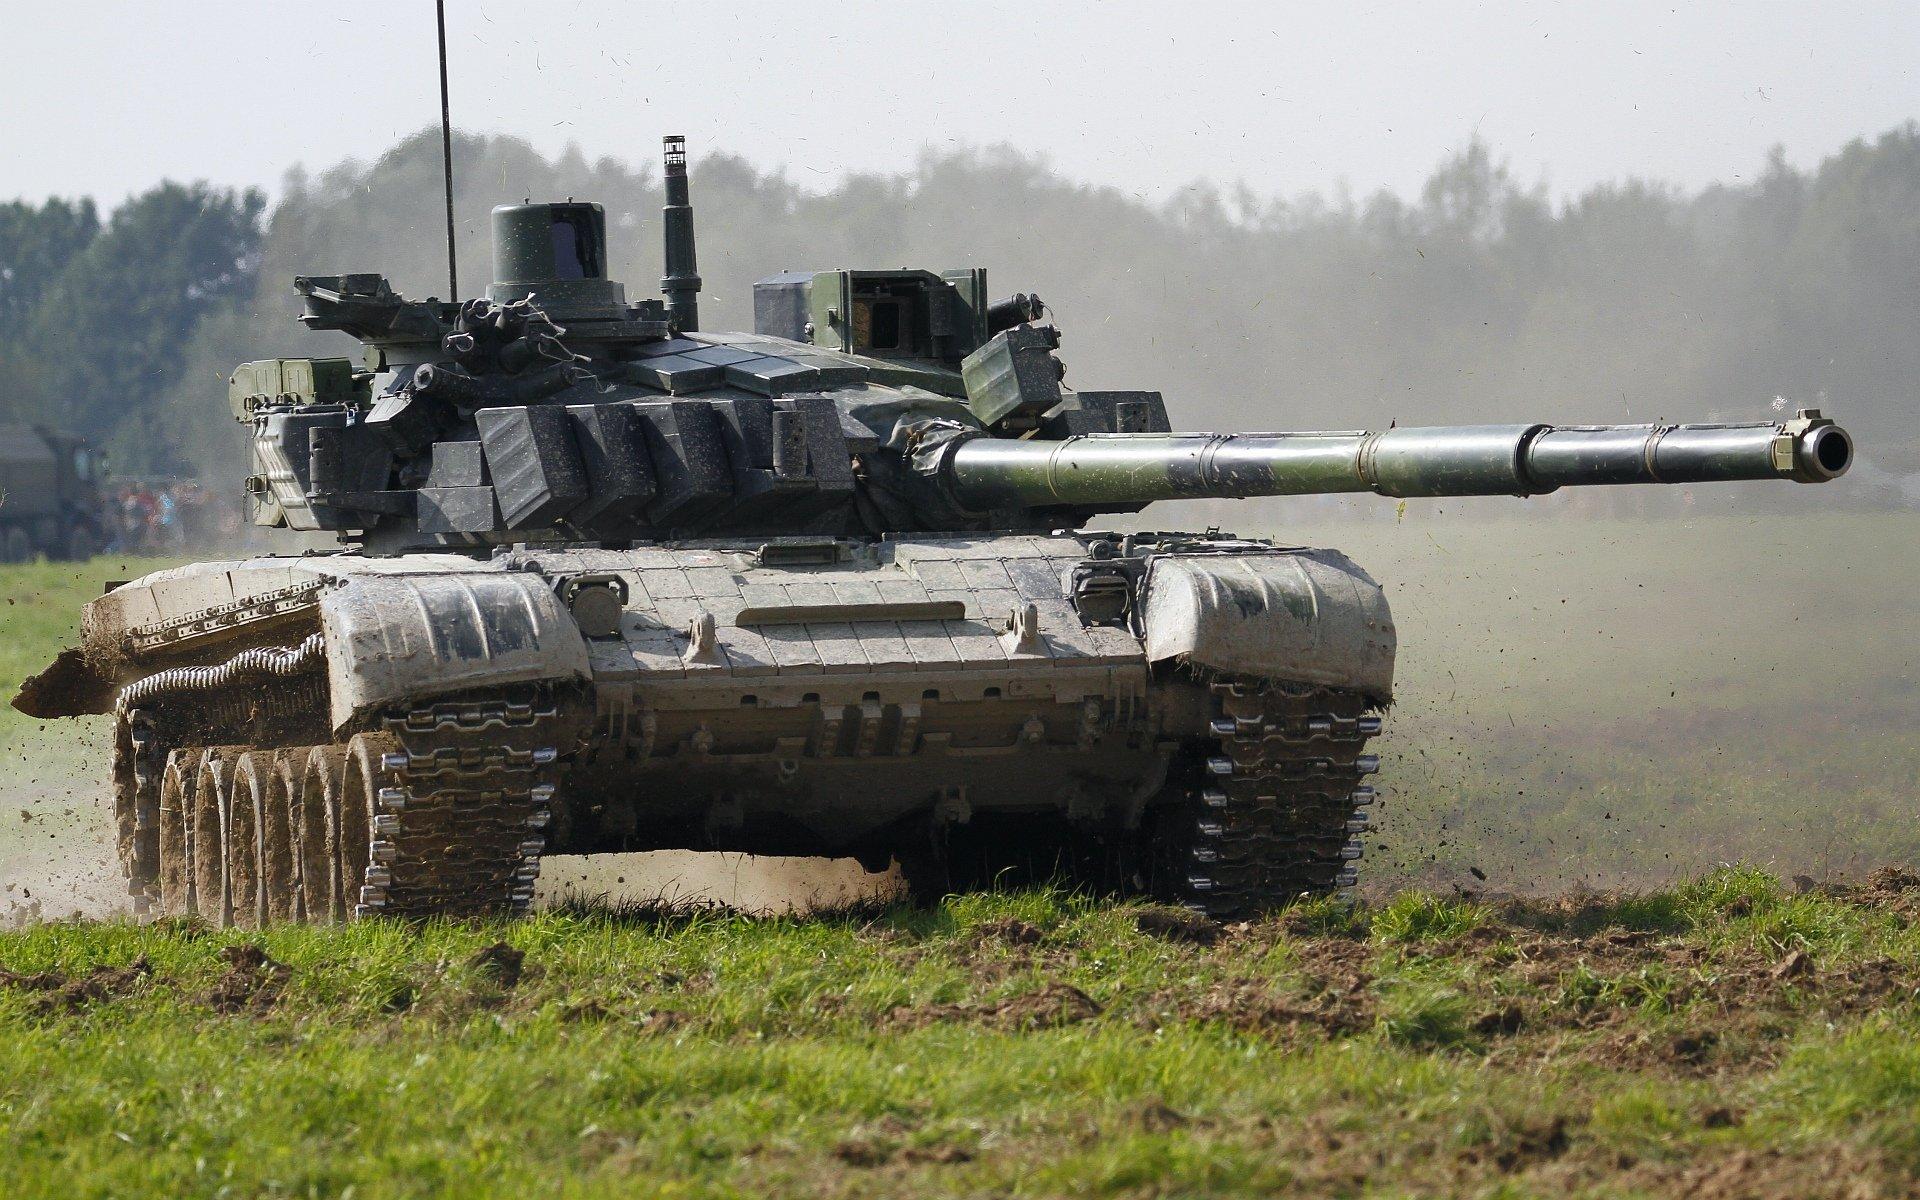 день объединяет танки фотографии подробно того